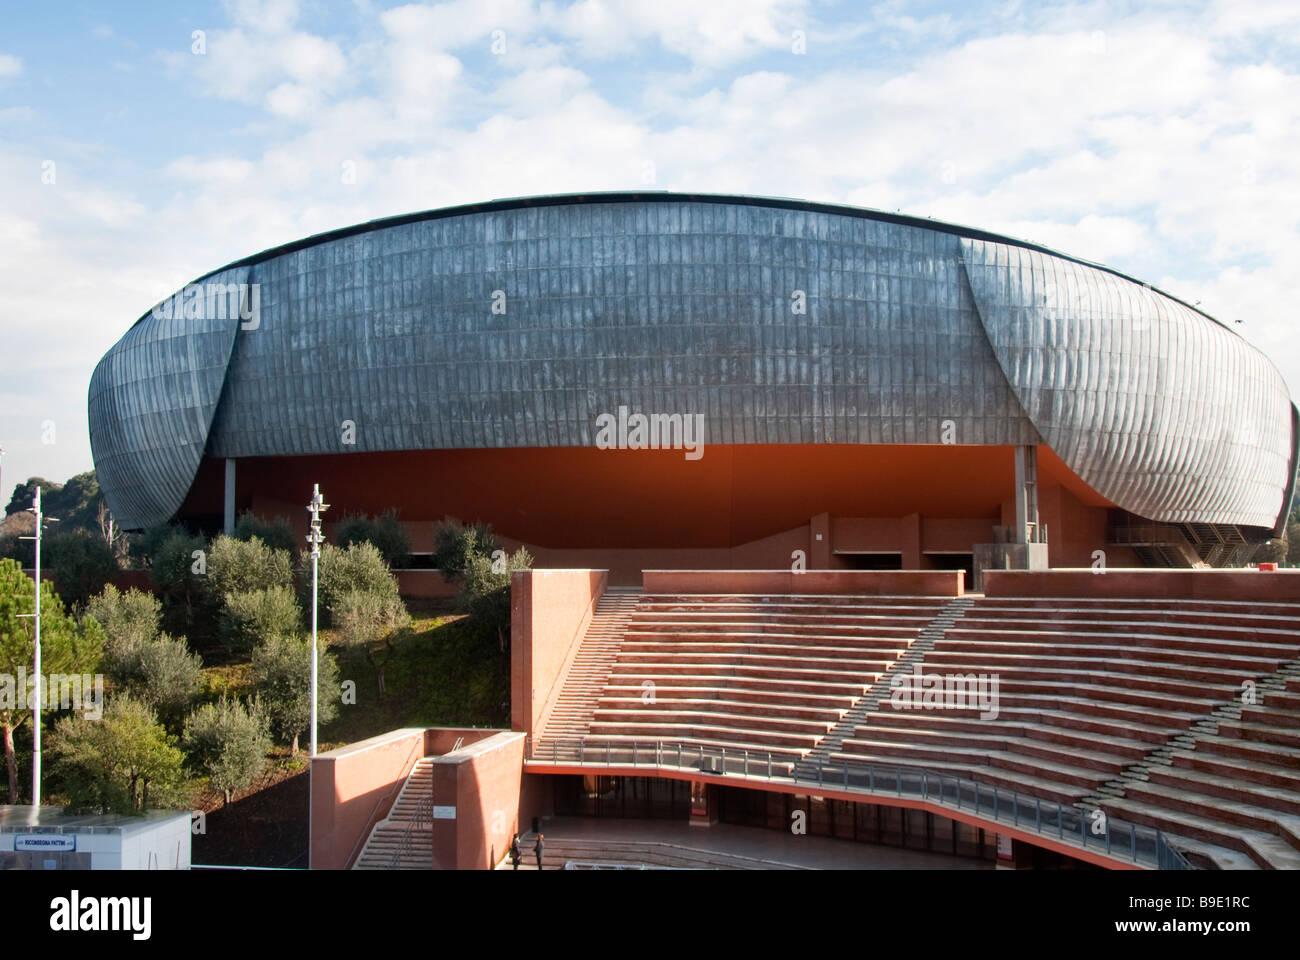 Sale Parco Della Musica Roma : L auditorium una delle tre sale da concerto nel parco della musica